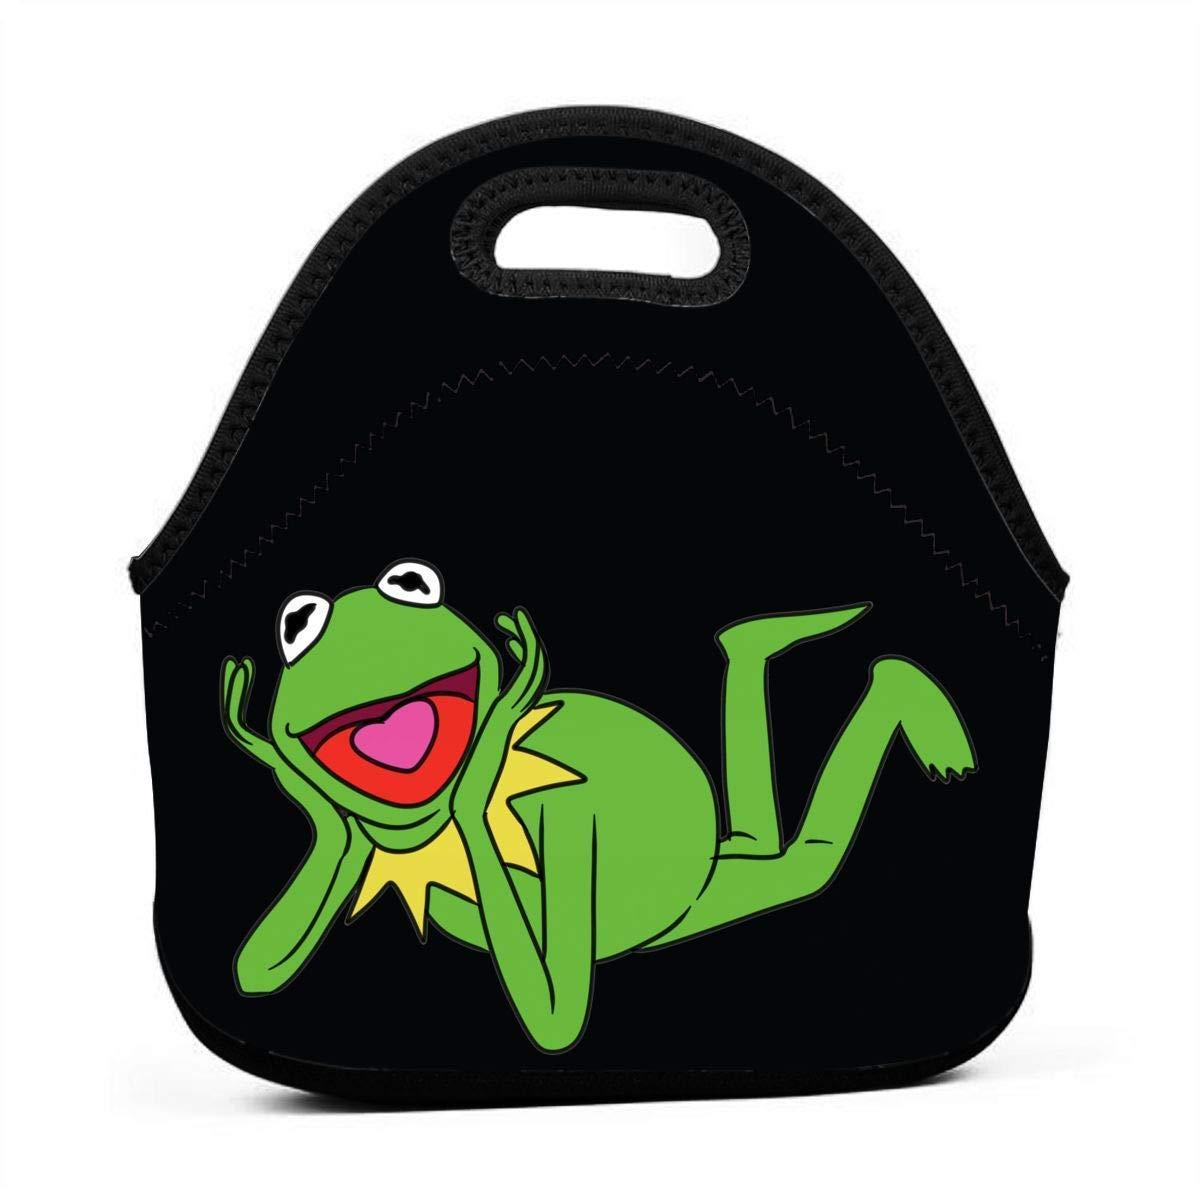 atopking Leichte isolierte Mittagessen-Neopren-Einkaufstasche Kermit der Frosch